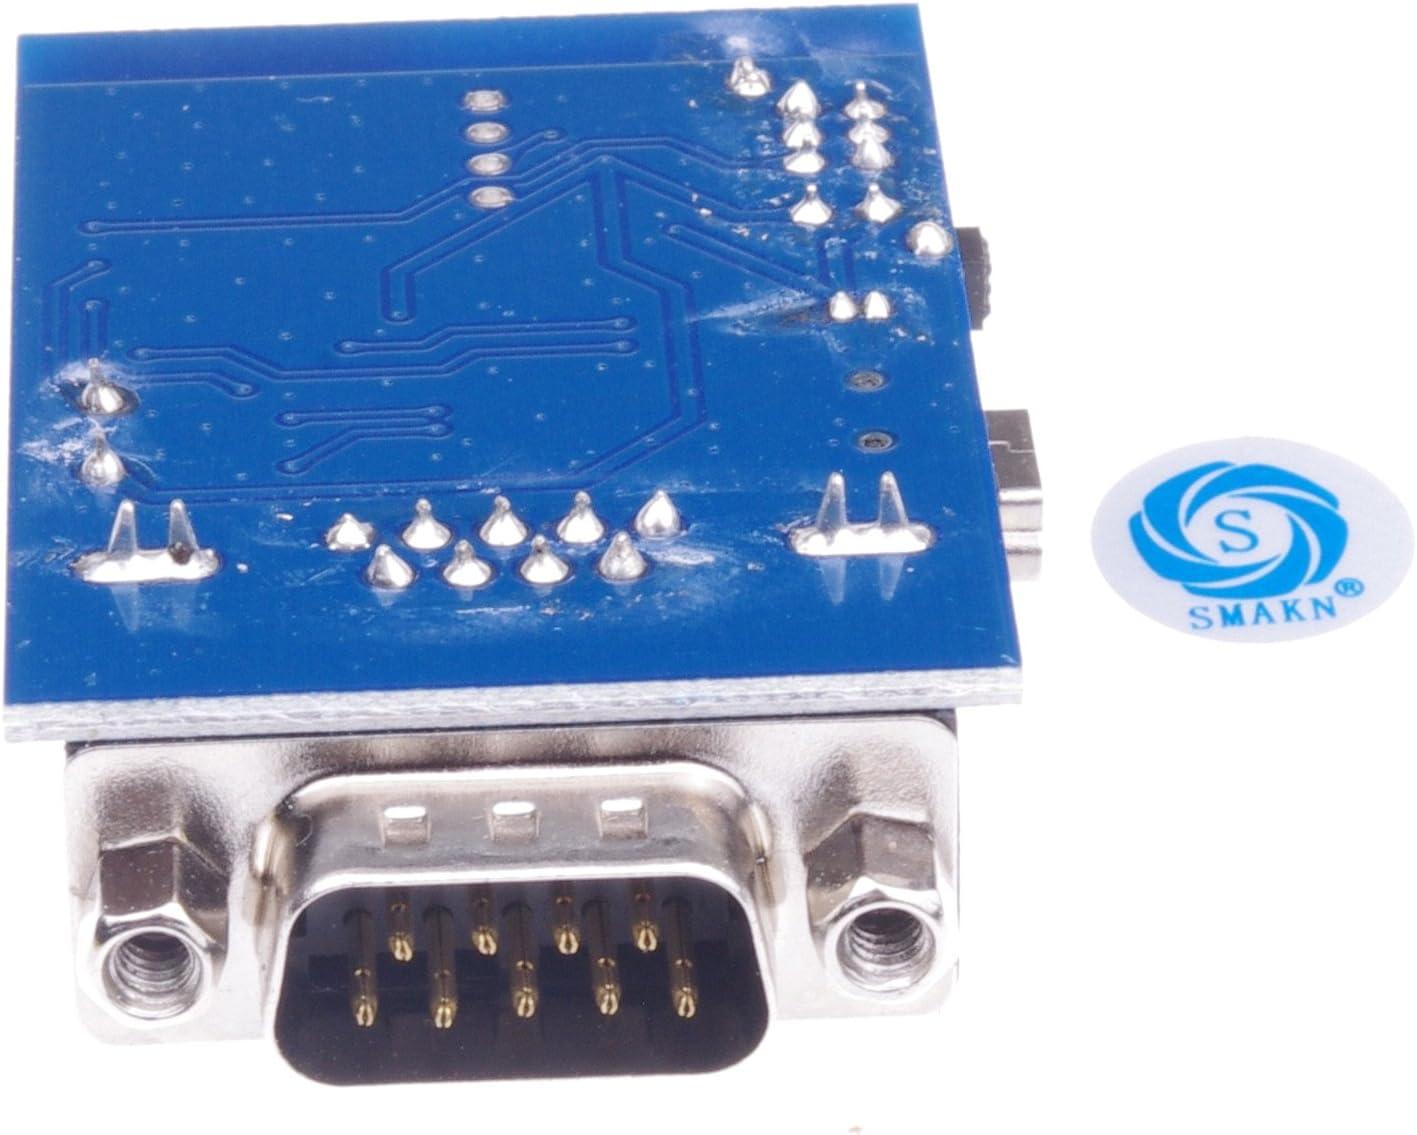 100/m Longueur de c/âble Schneider Electric cct15268/Paroi Cellulaire pour Interrupteur Twilight